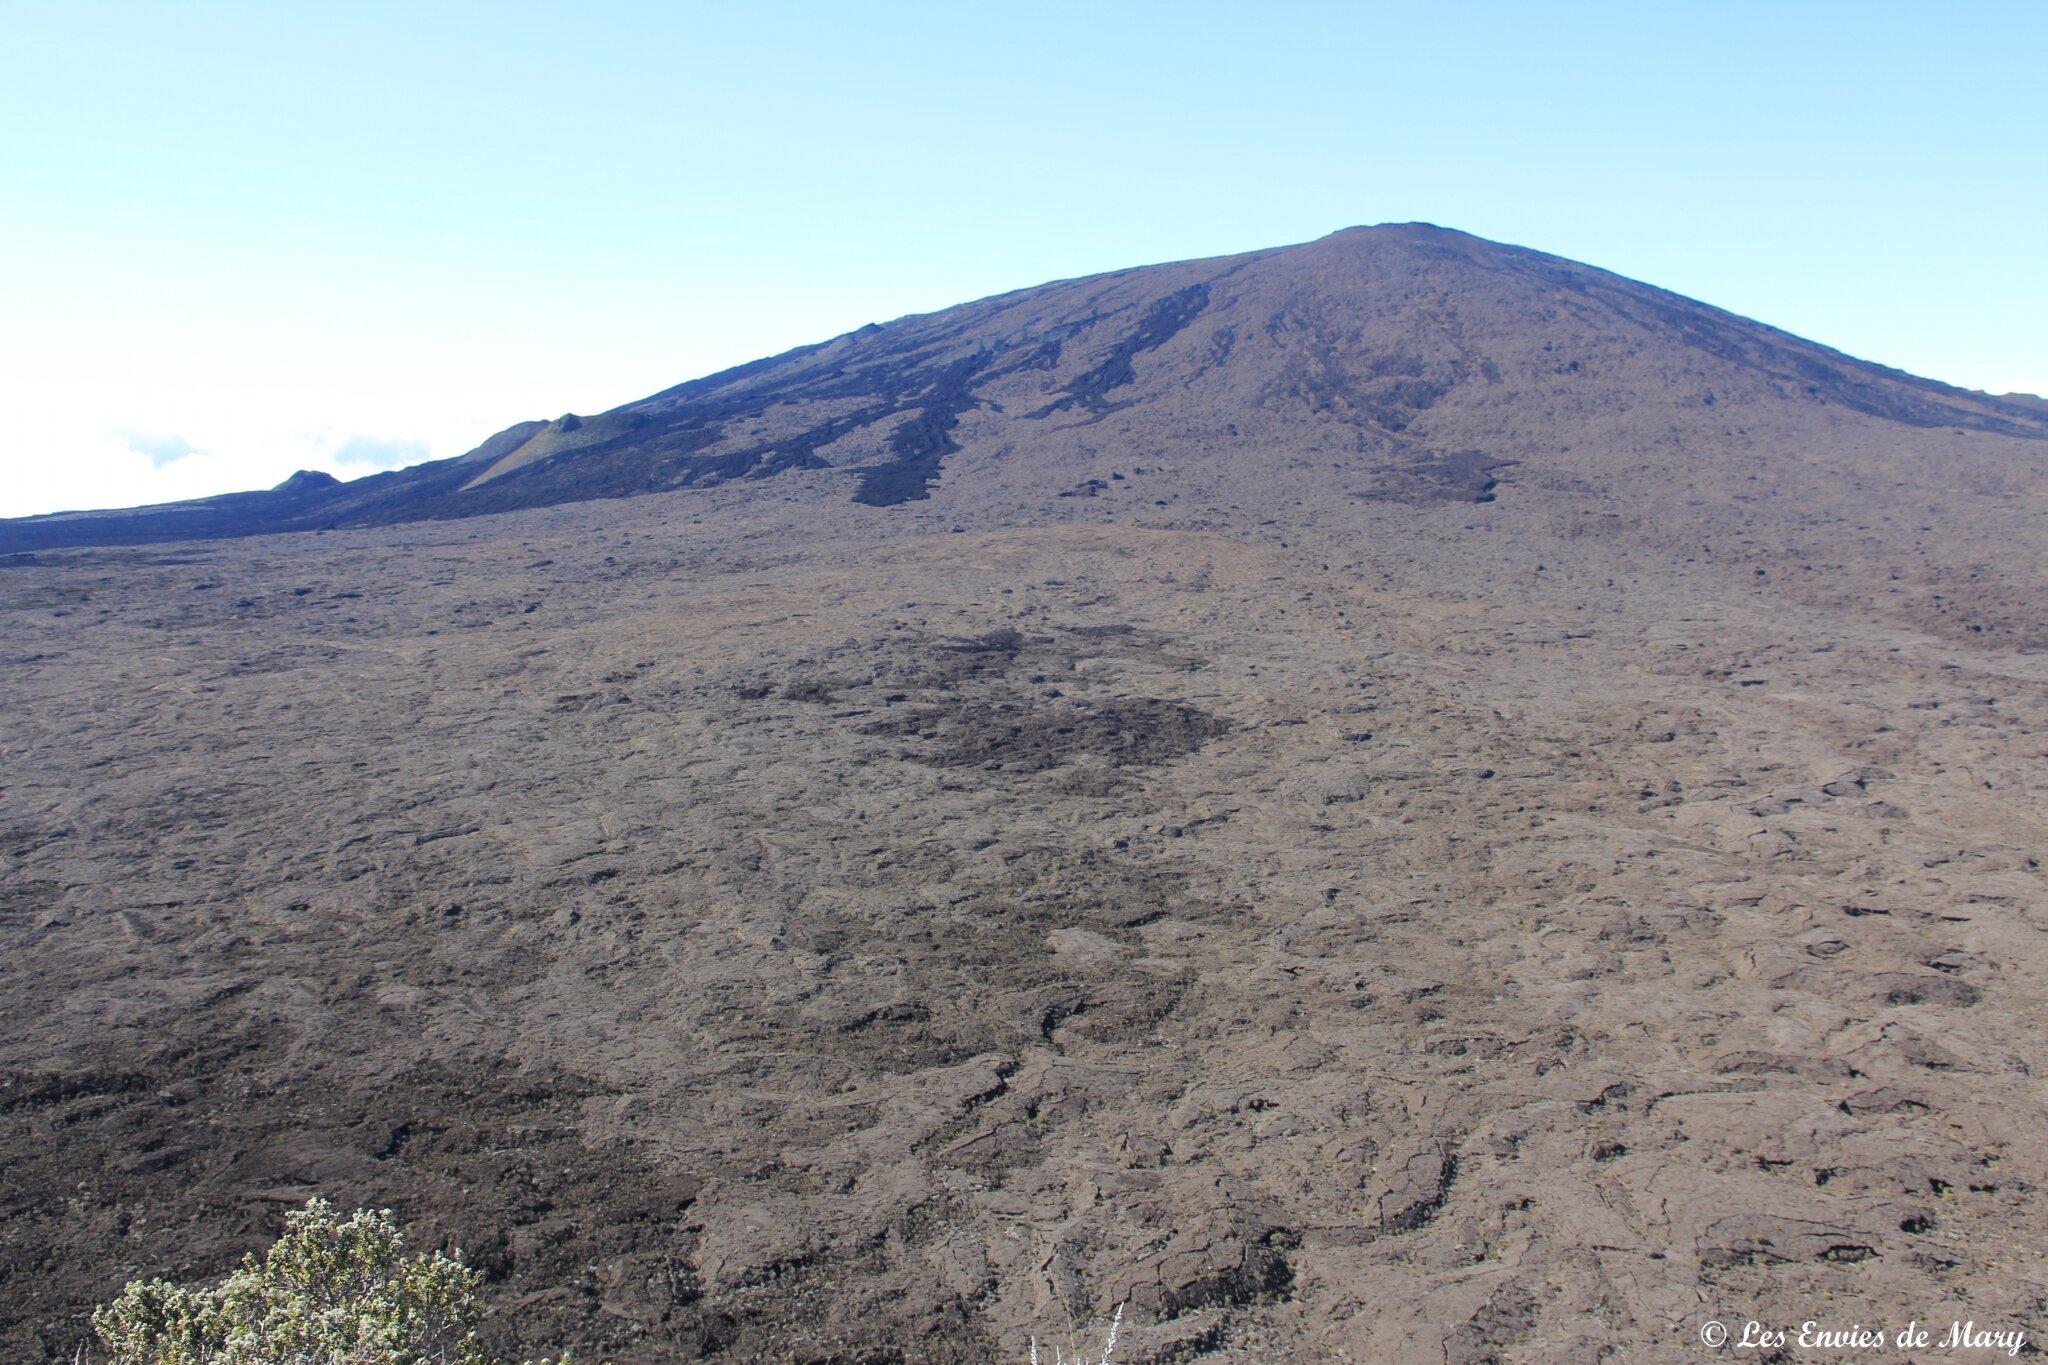 Le Piton de la Fournaise - La Réunion